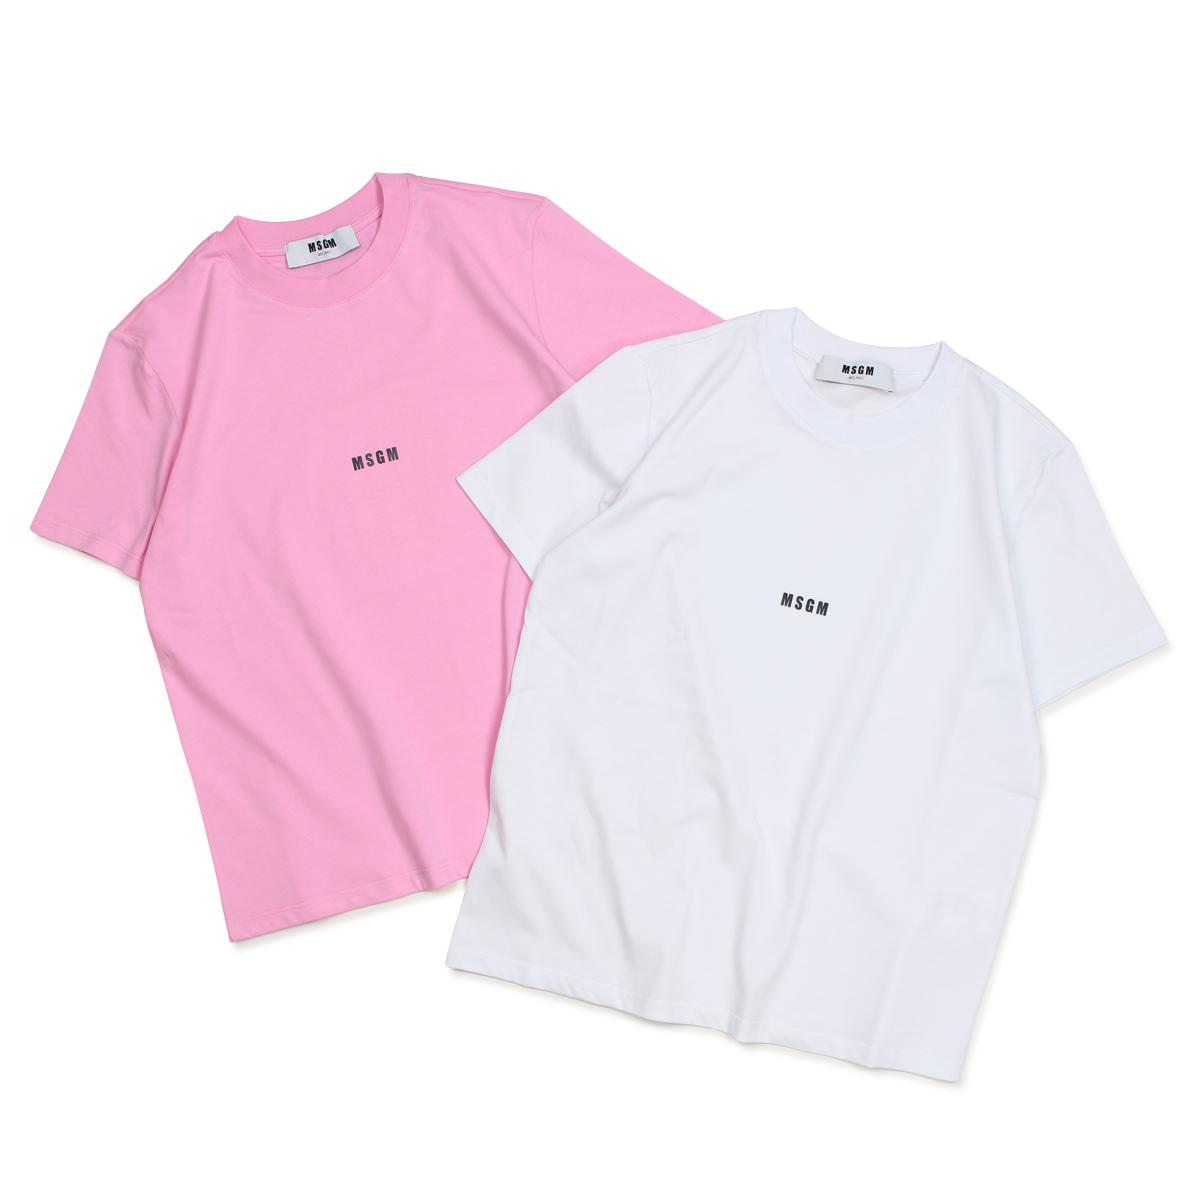 MSGM MICRO LOGO T-SHIRT Tシャツ レディース エムエスジーエム 半袖 ホワイト ピンク 2541MDM100 184798